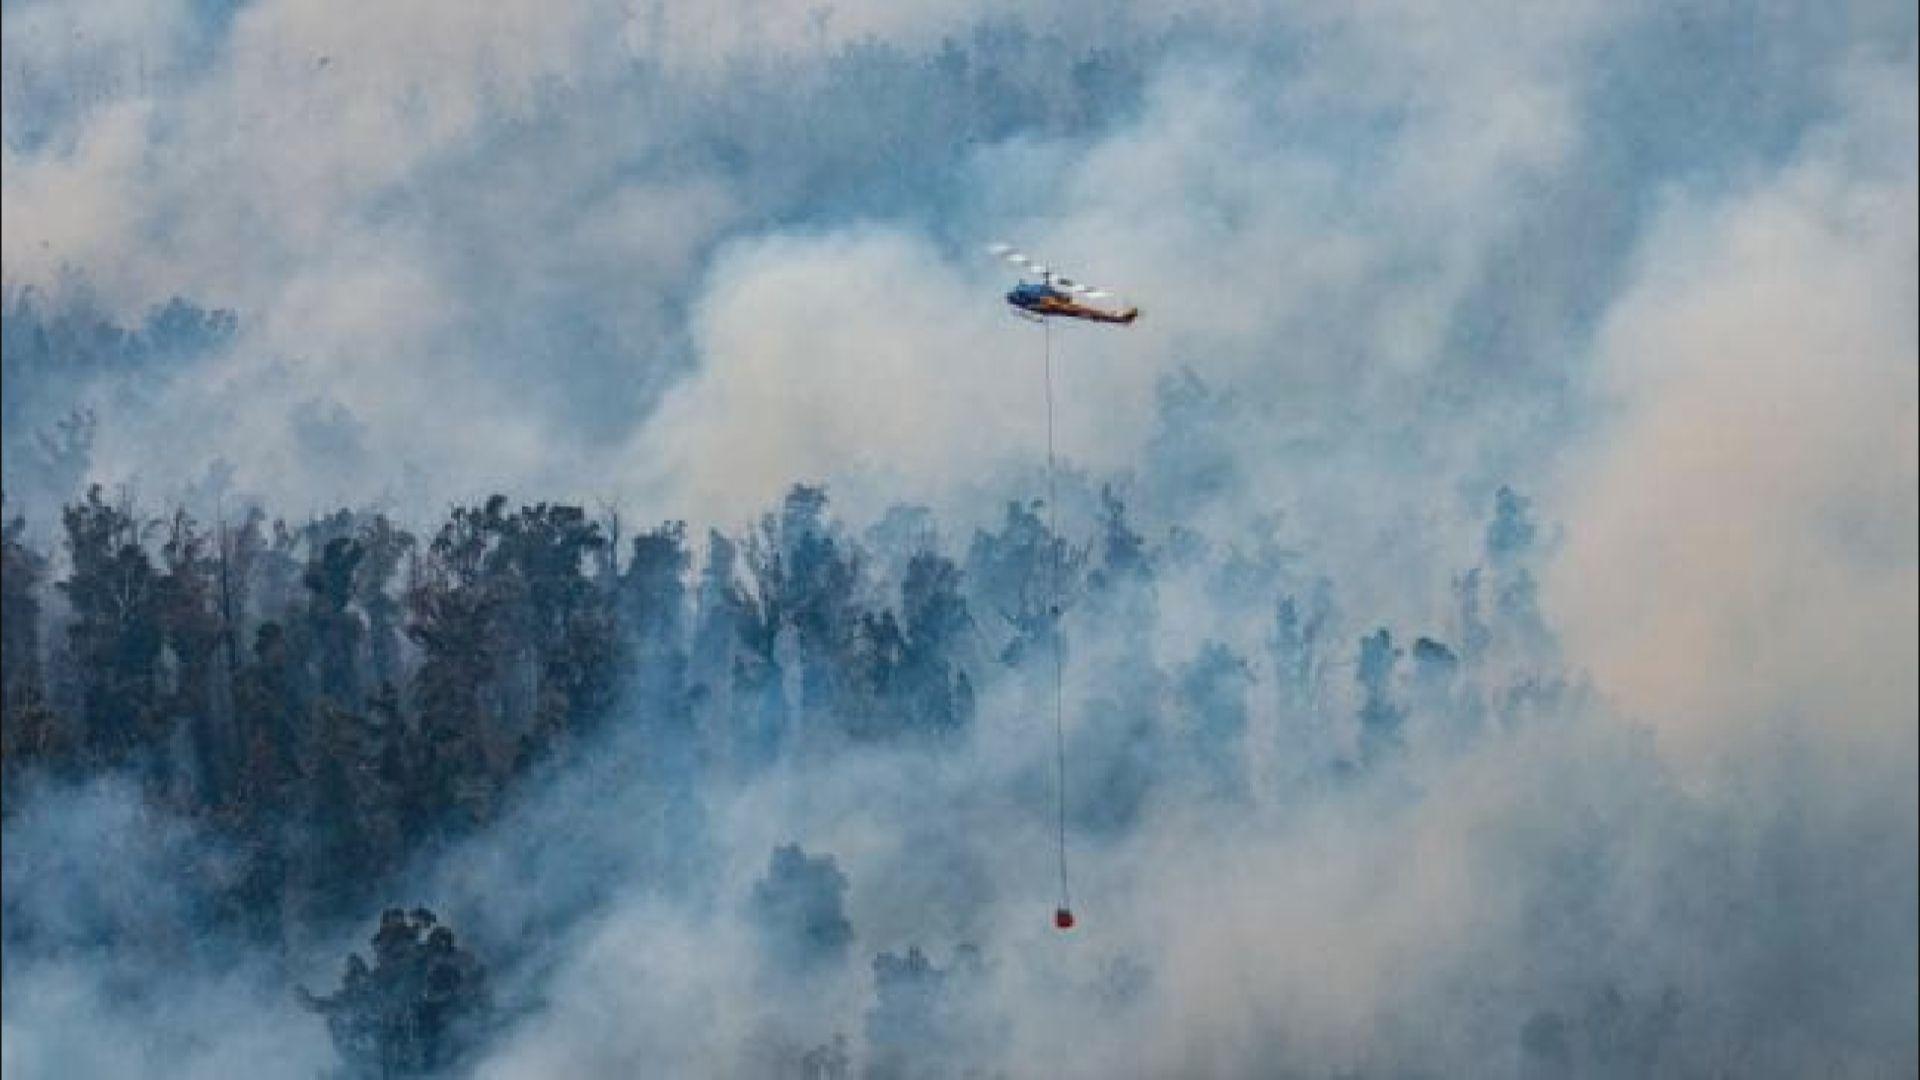 澳洲山火持續 新南威爾士再發緊急狀態